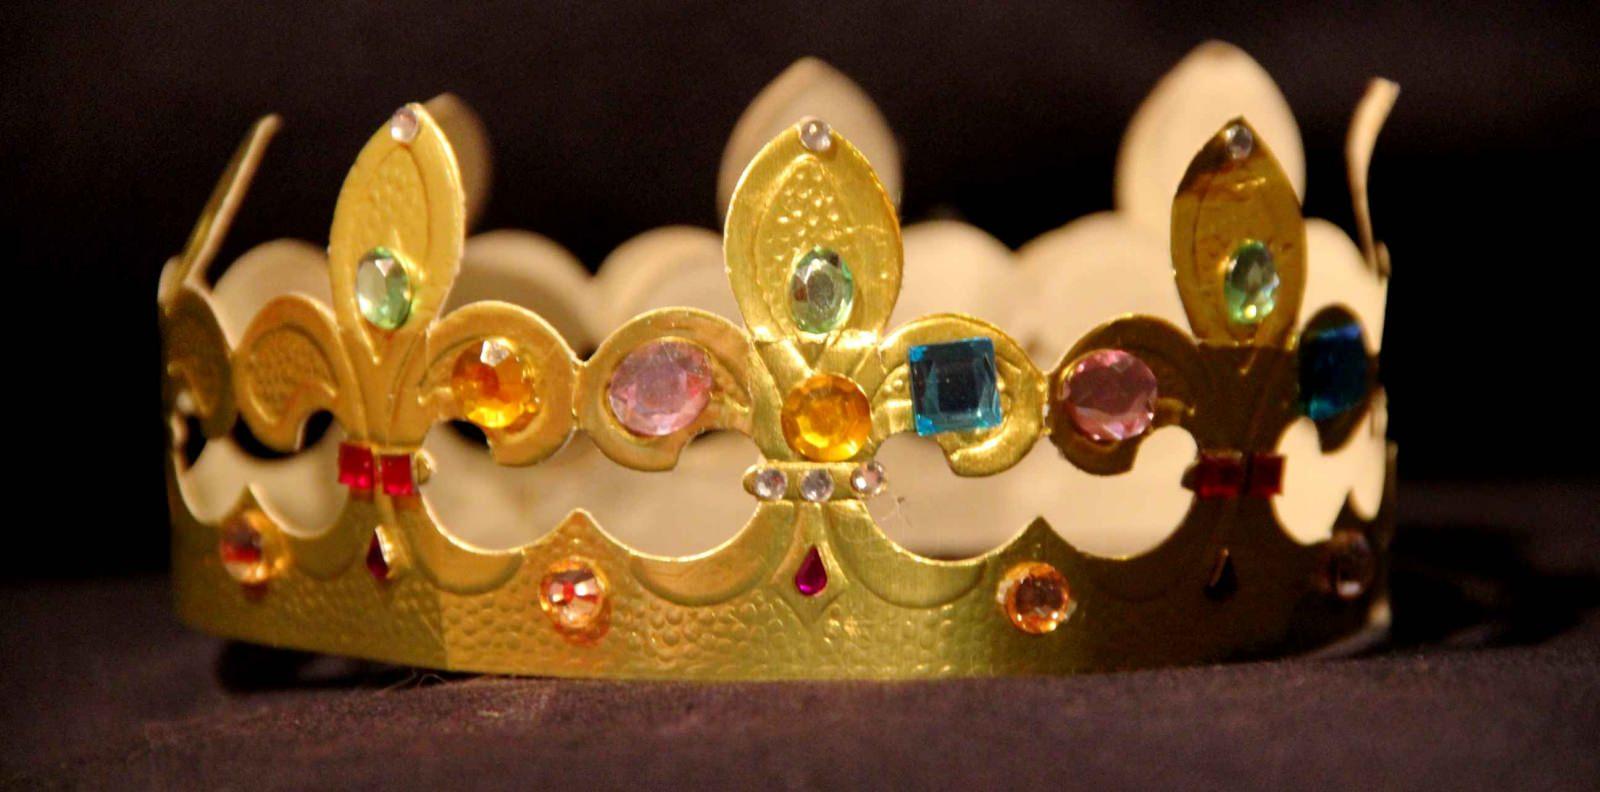 galette des rois couronne - photo #8